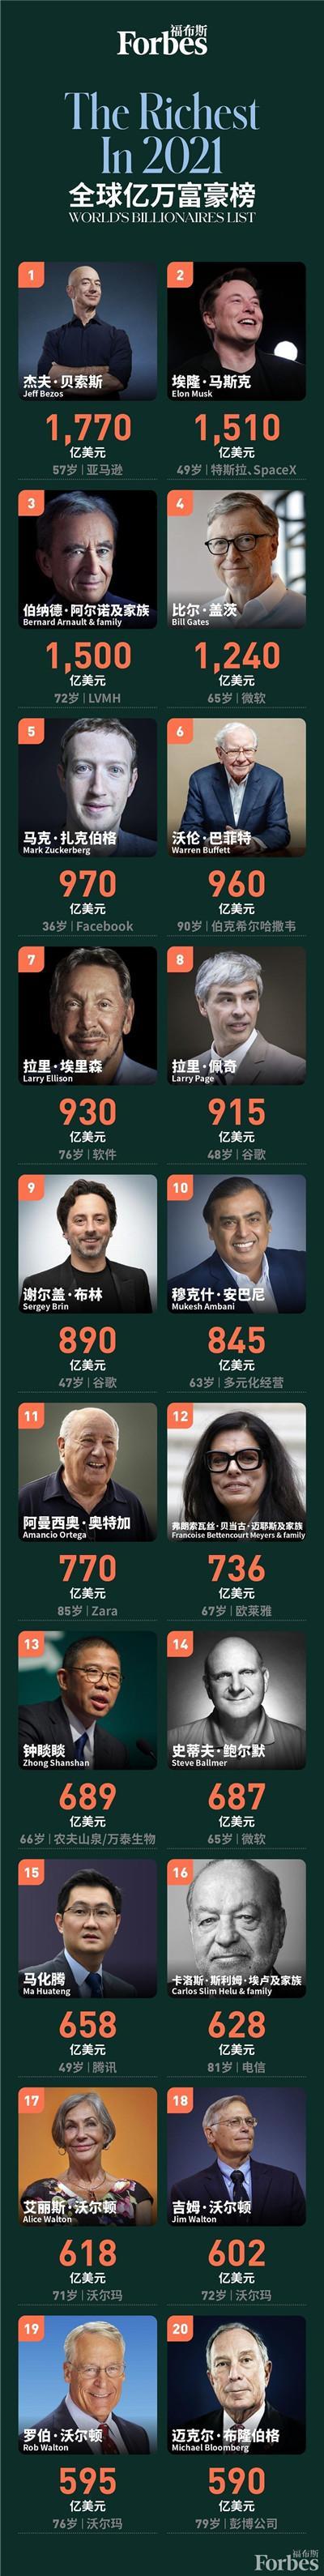 《福布斯》2755名亿万富翁走上排行榜 外国人有724人